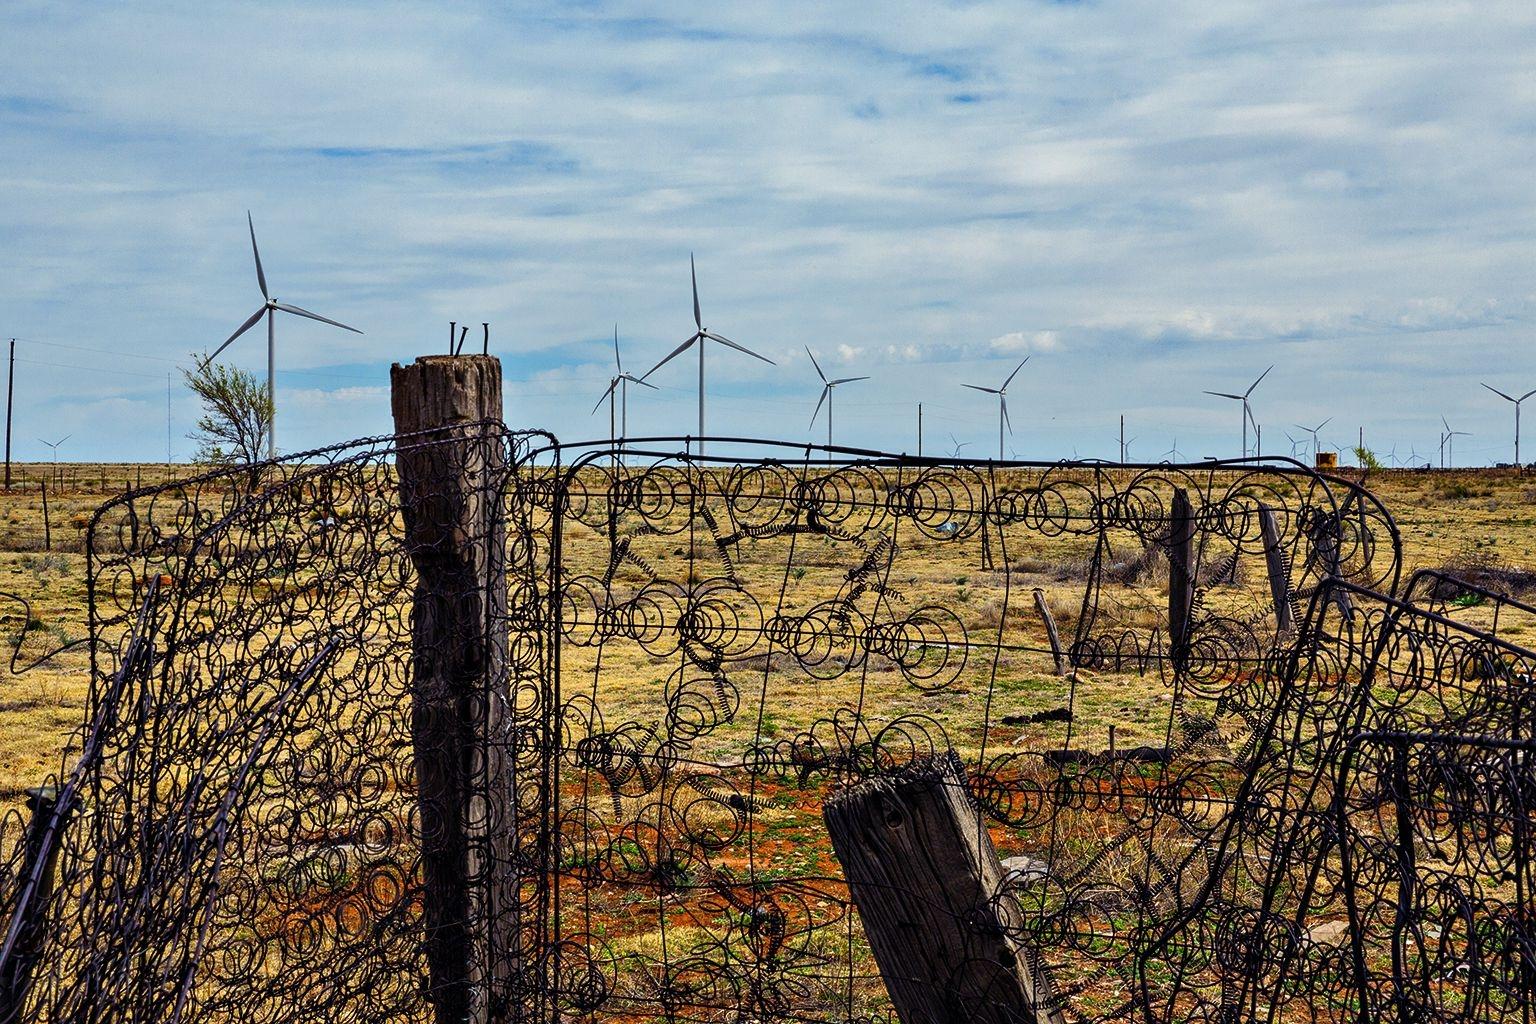 新墨西哥州伊利達鎮附近的這座舊圍欄是用床墊彈簧做成的。這裡的風力機利用高平原上無時止息的風力來發電,替那些因為水井乾涸而失去生計來源的農民帶來新收入。攝影:藍迪.奧森 Randy Olson